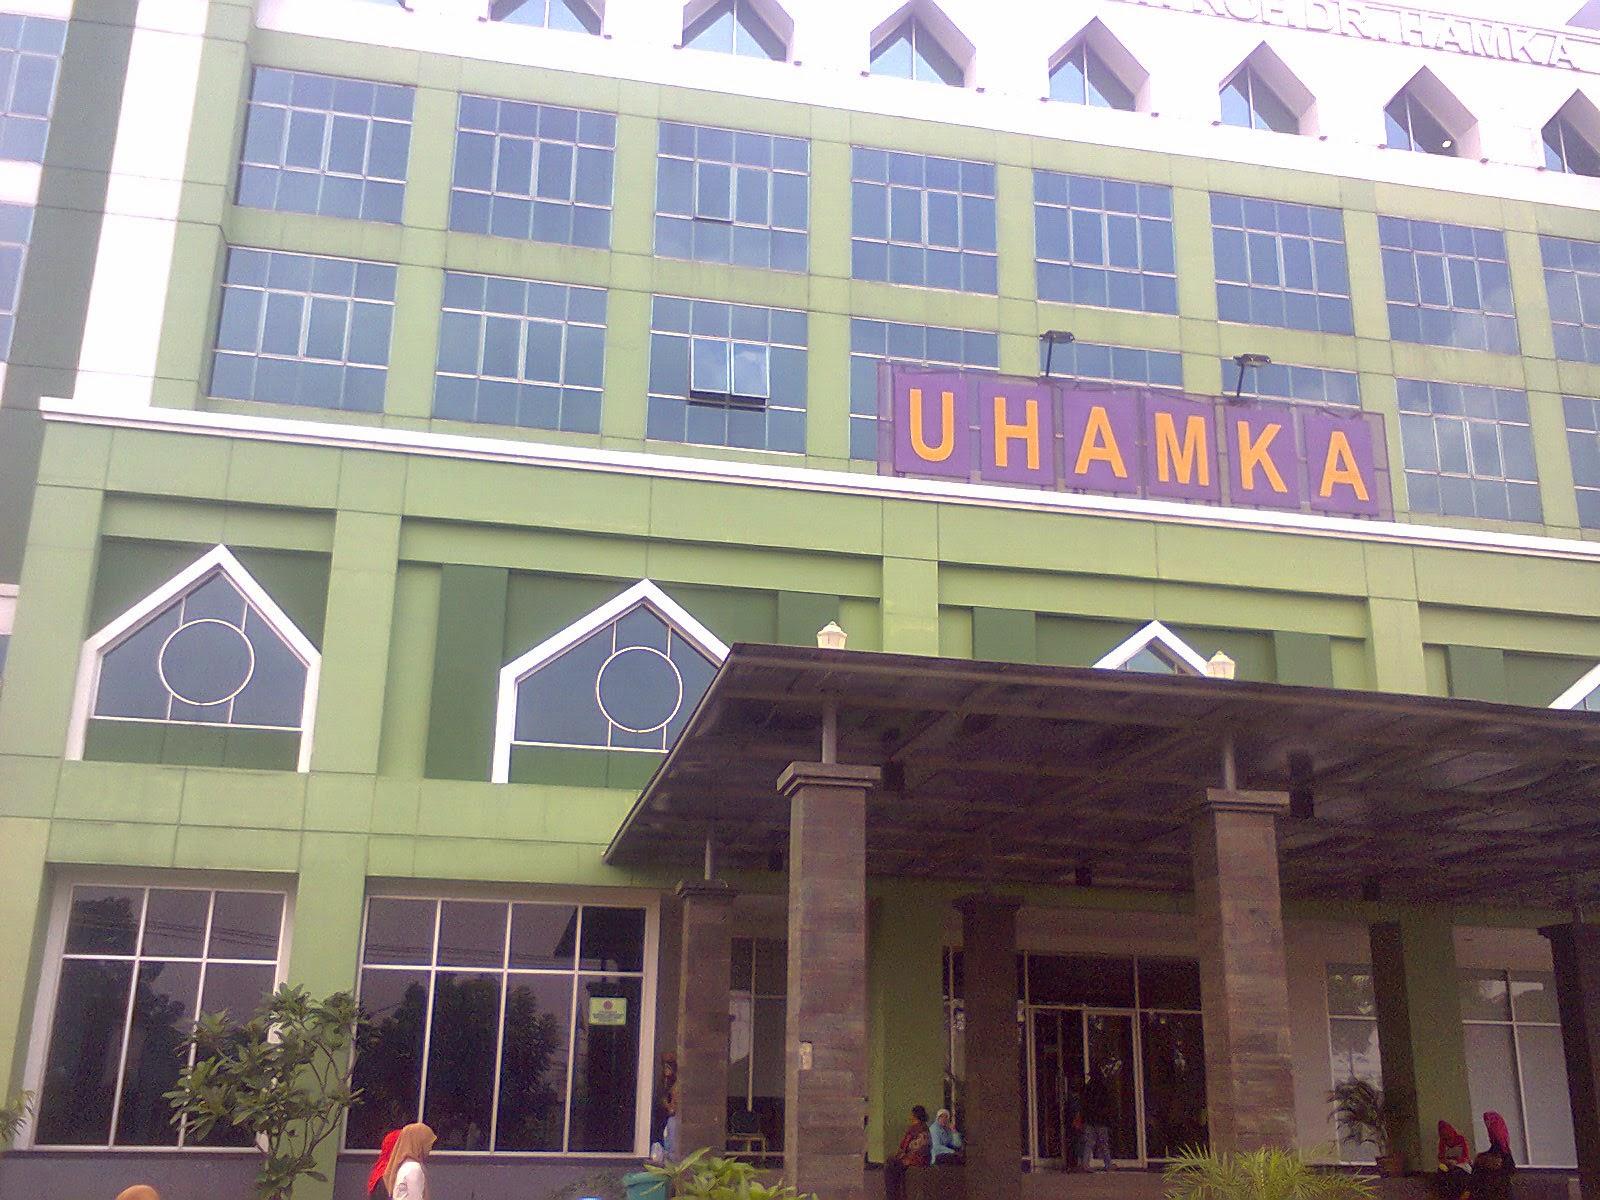 UHAMKAs2-2